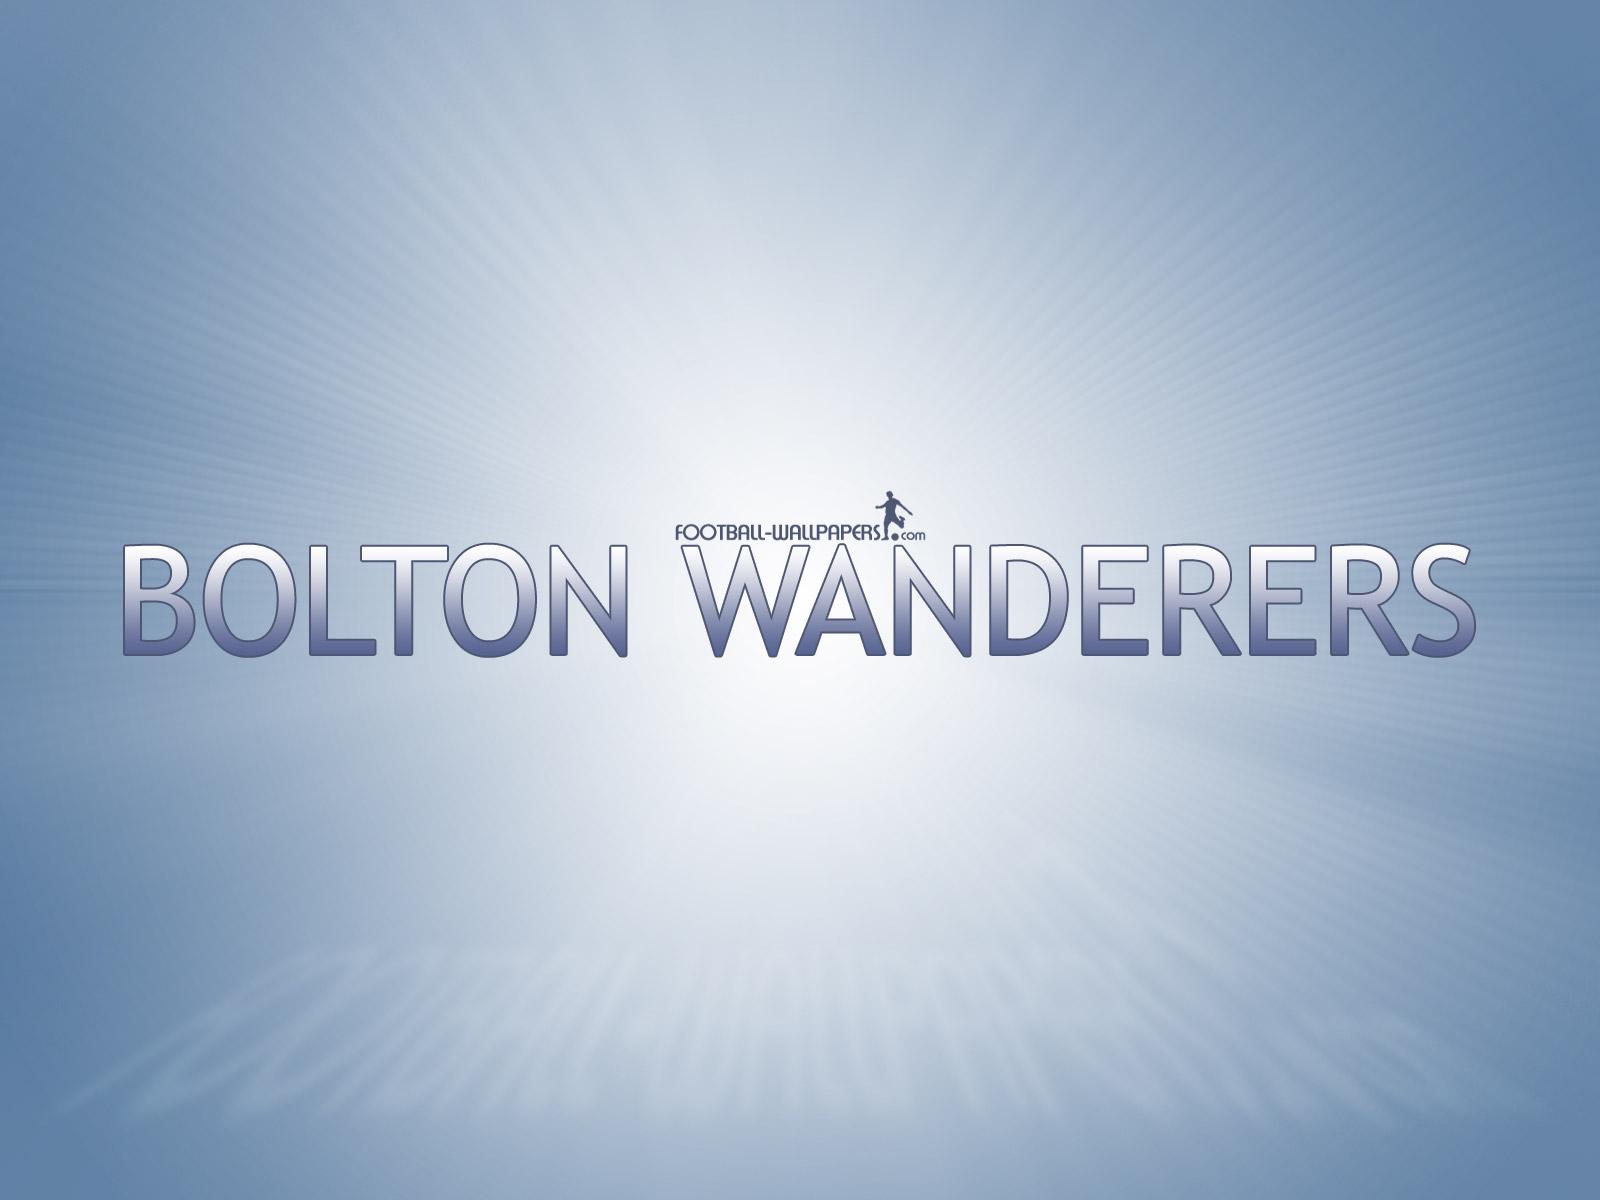 http://3.bp.blogspot.com/-3_njgfSbwwE/Thv5j9CBzfI/AAAAAAAAA-M/bjxes2ExpVk/s1600/Bolton+Wanderes+Wallpaper.jpg